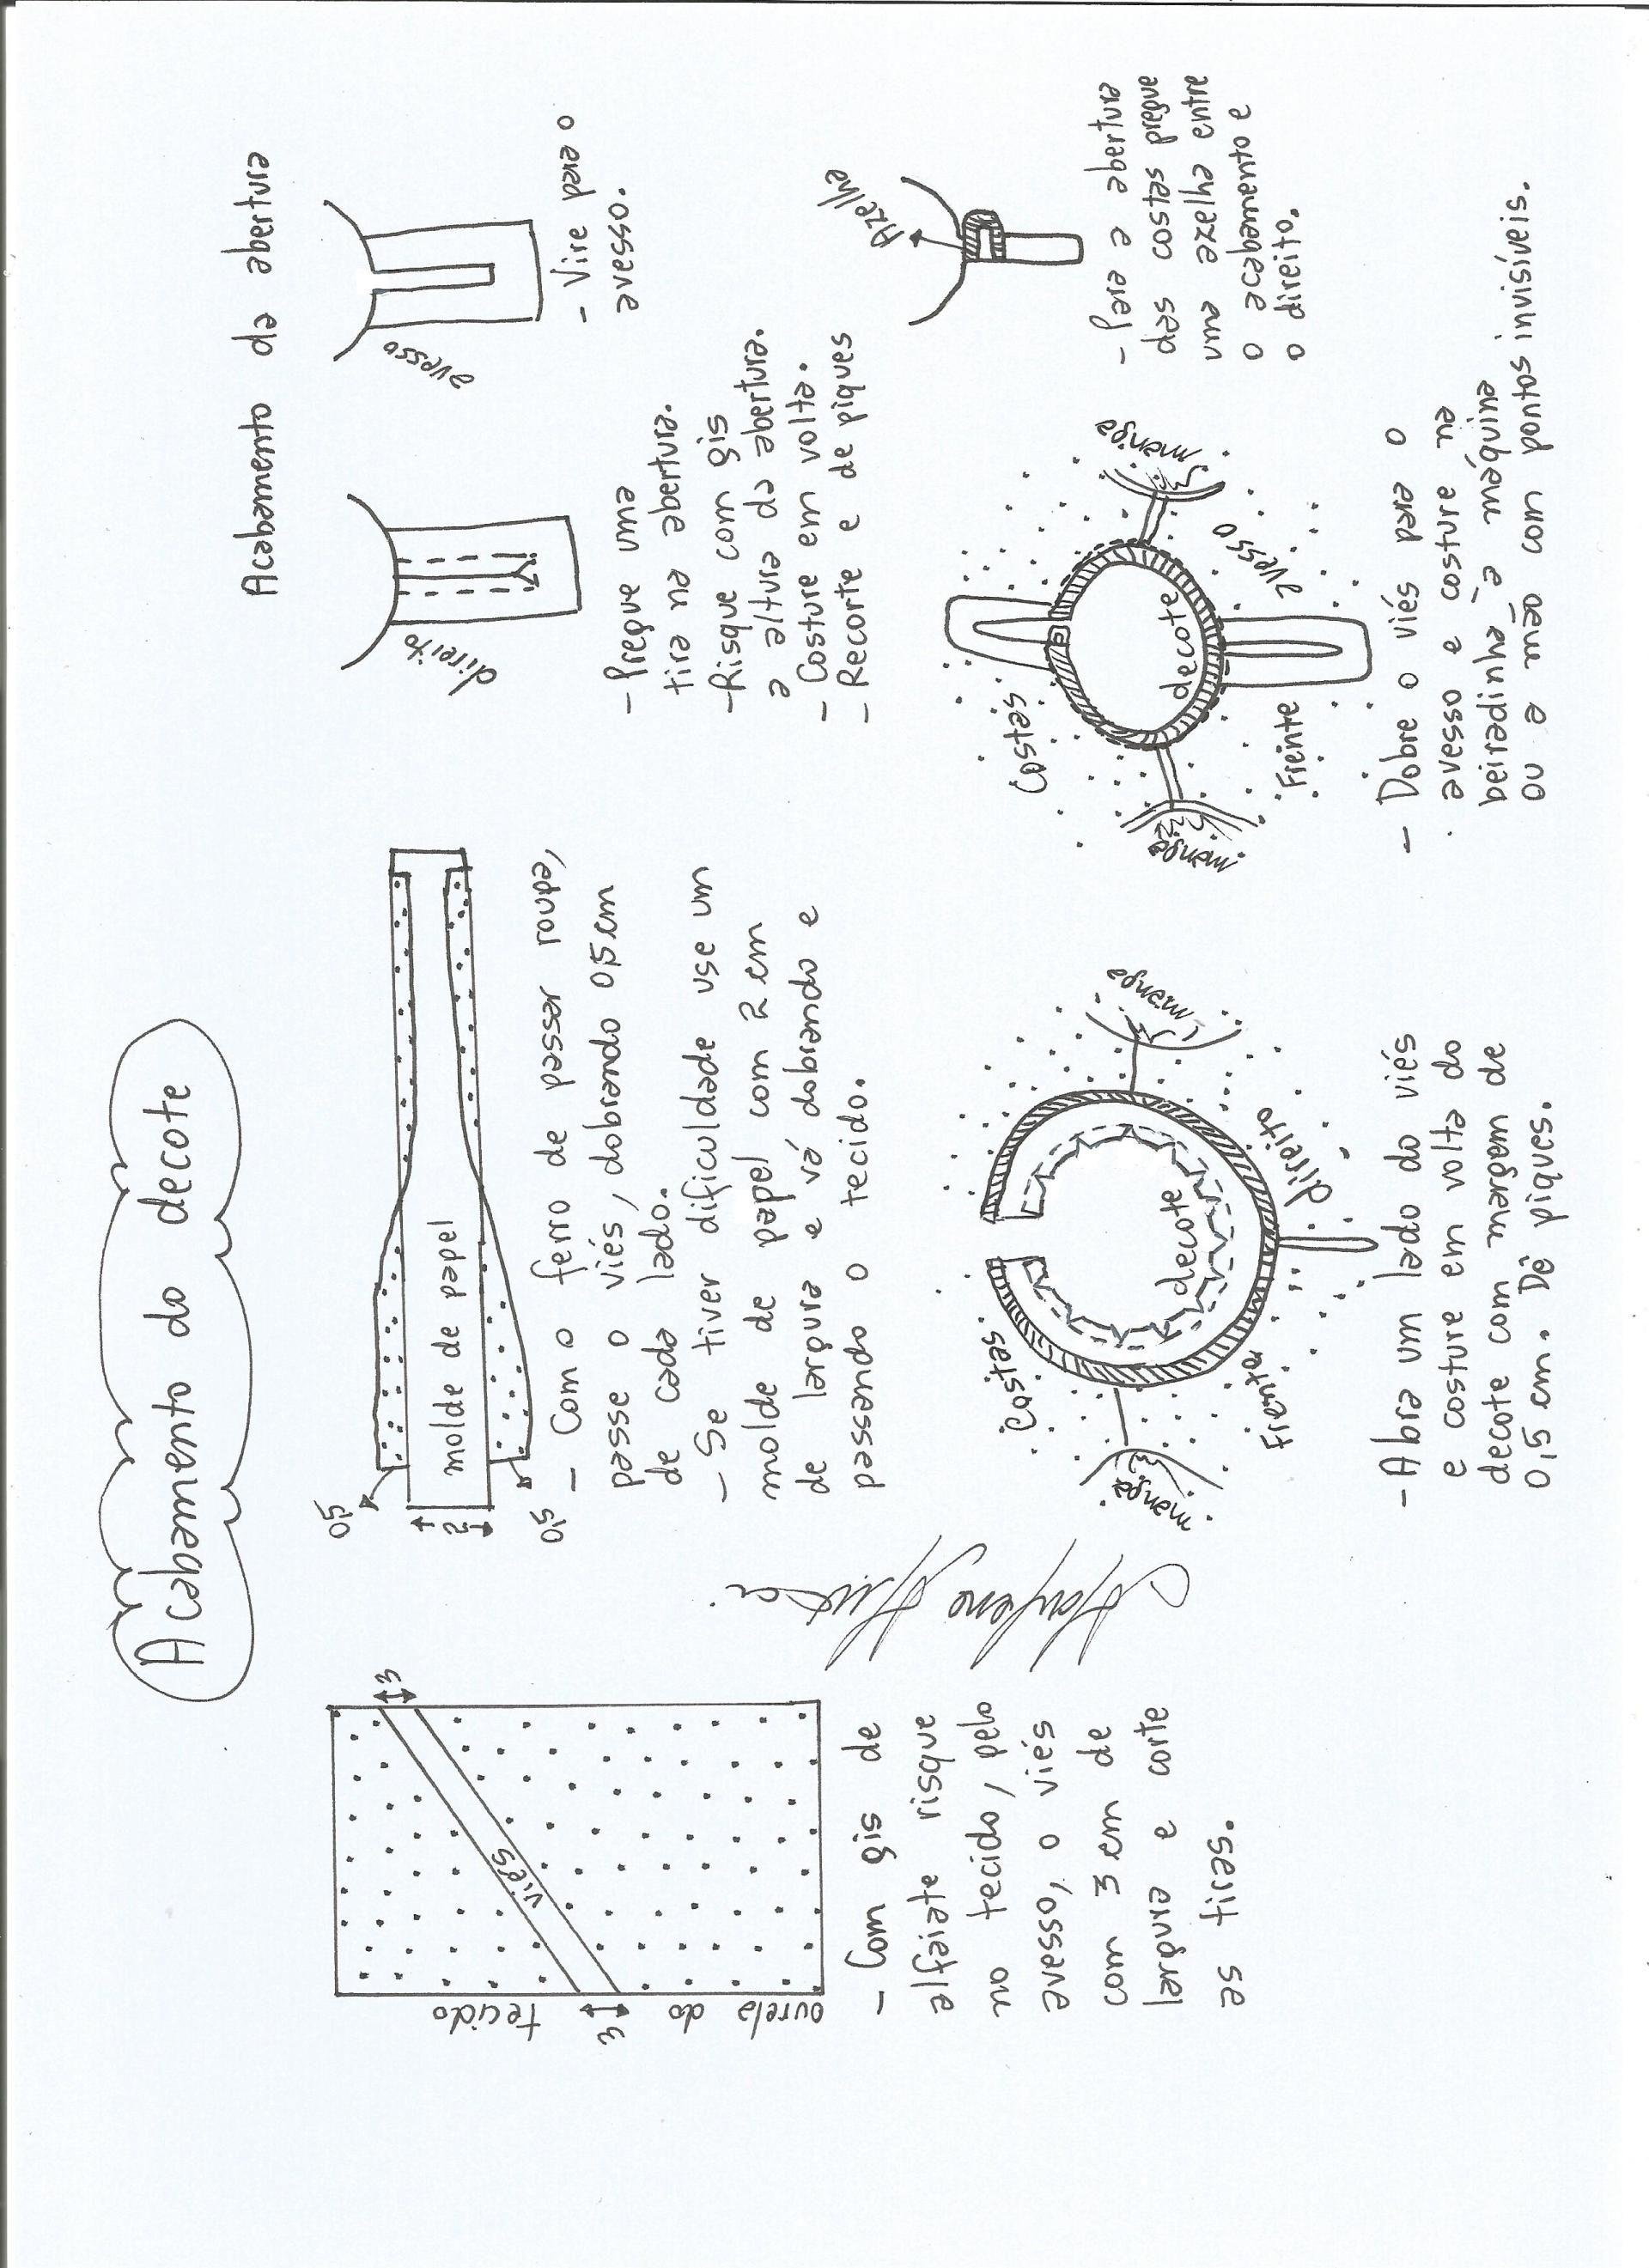 blusa-con-abertura-delantera-y-trasera-instrucciones